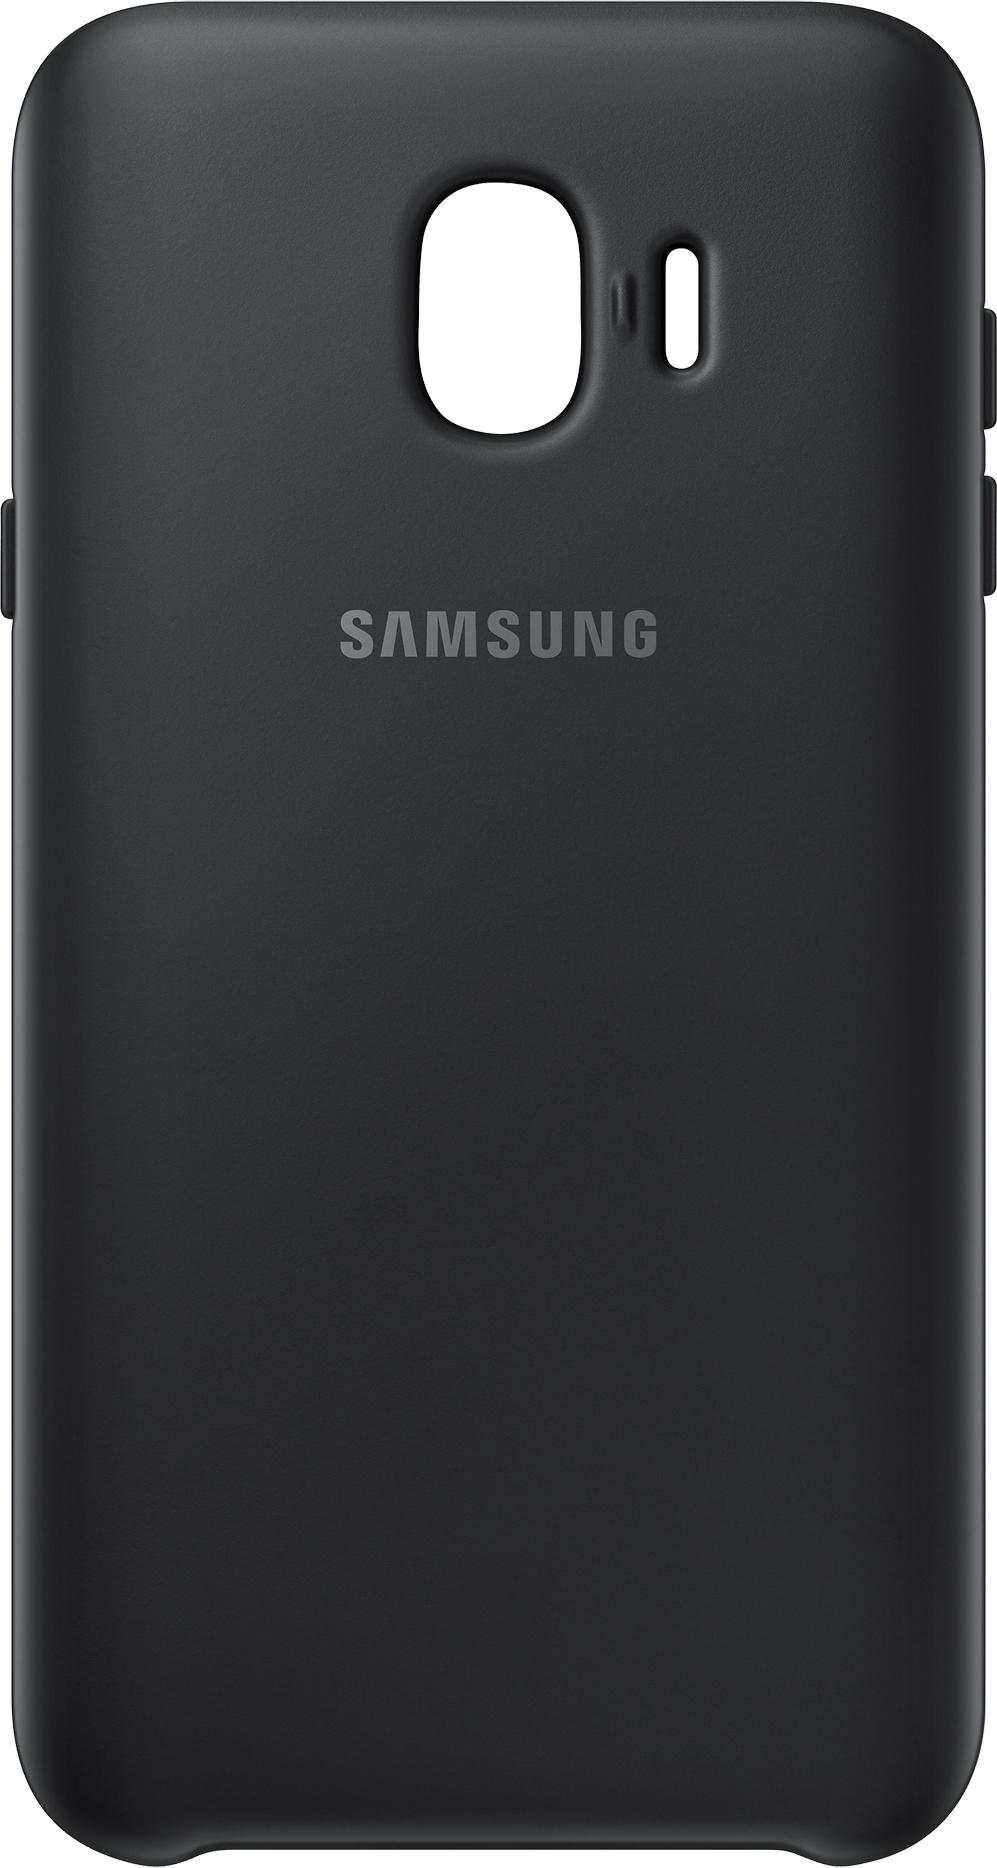 Чехол для сотового телефона Samsung SAM-EF-PJ400CBEGRU чехол для сотового телефона samsung sam ef aj610cbegru